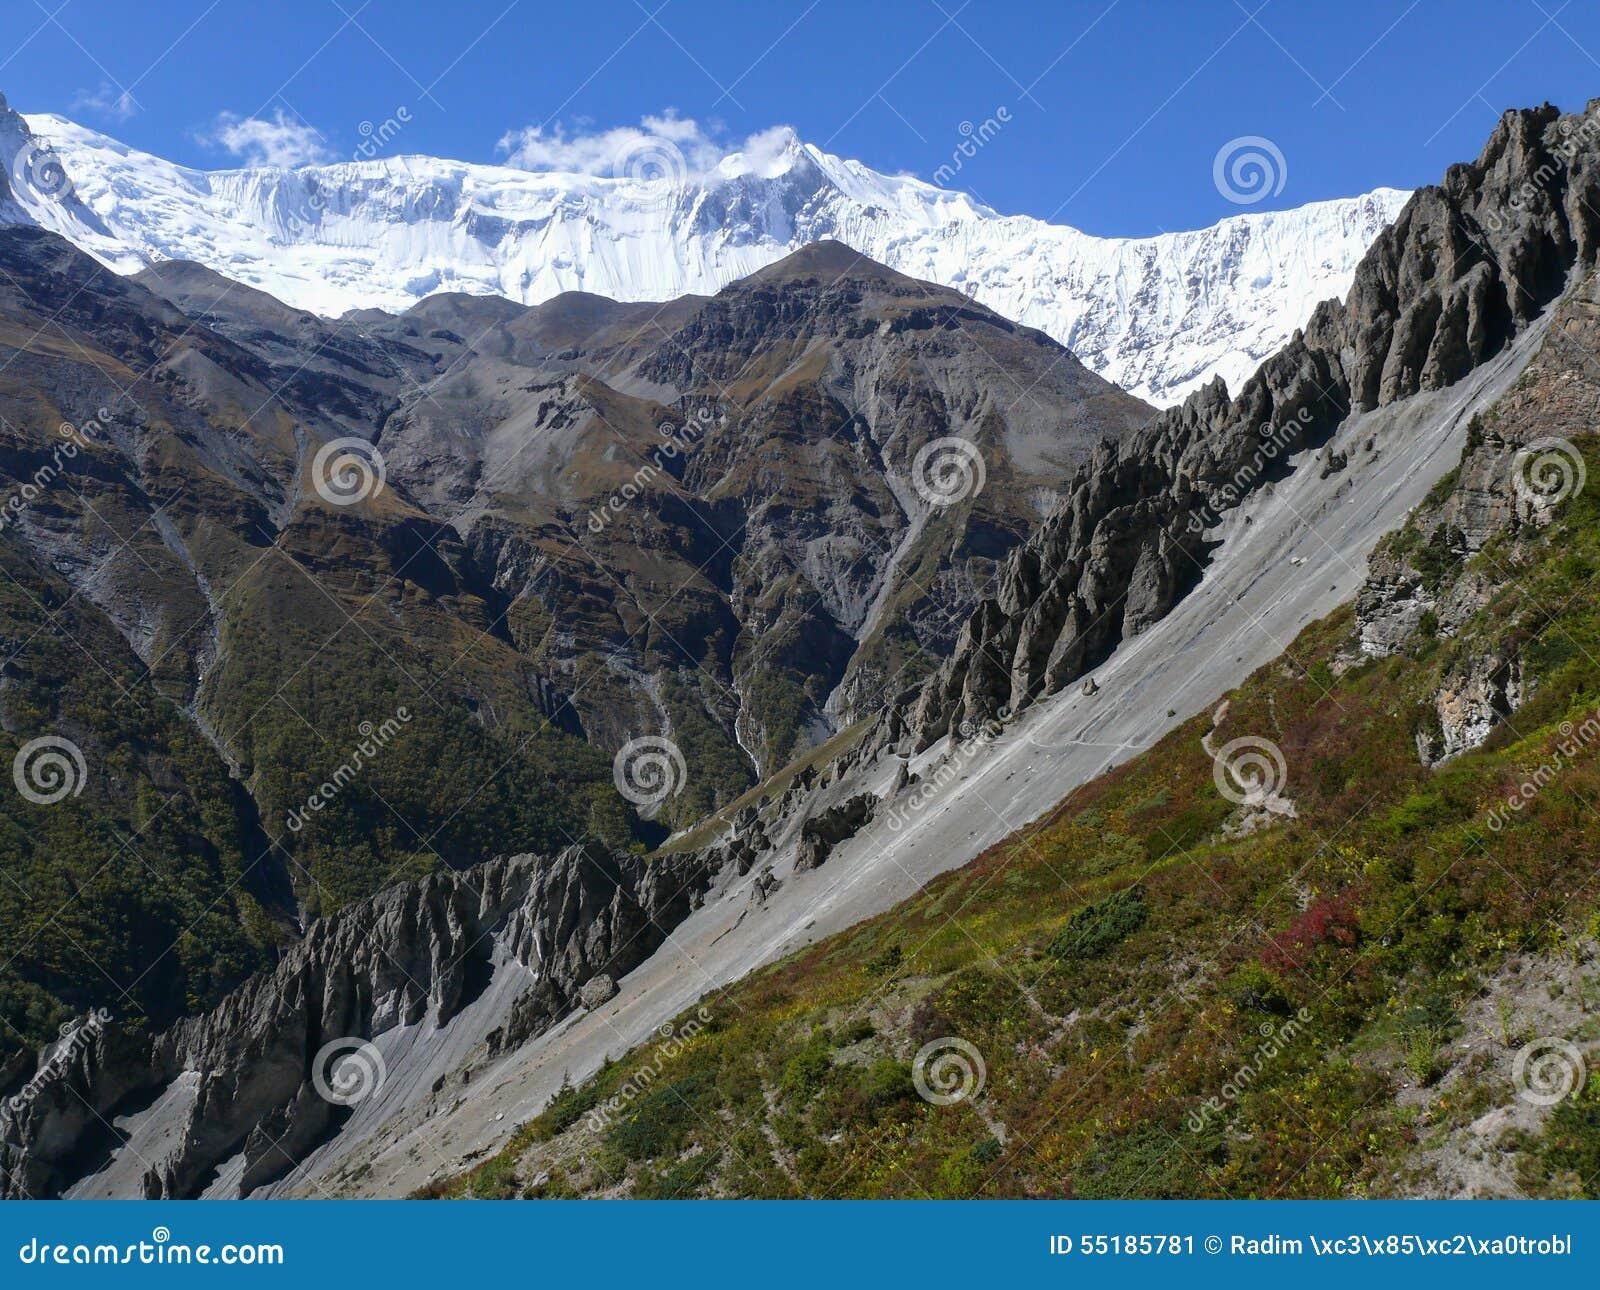 Tilicho锐化,山崩地区,被腐蚀的岩石-对Tilicho营地,尼泊尔的方式